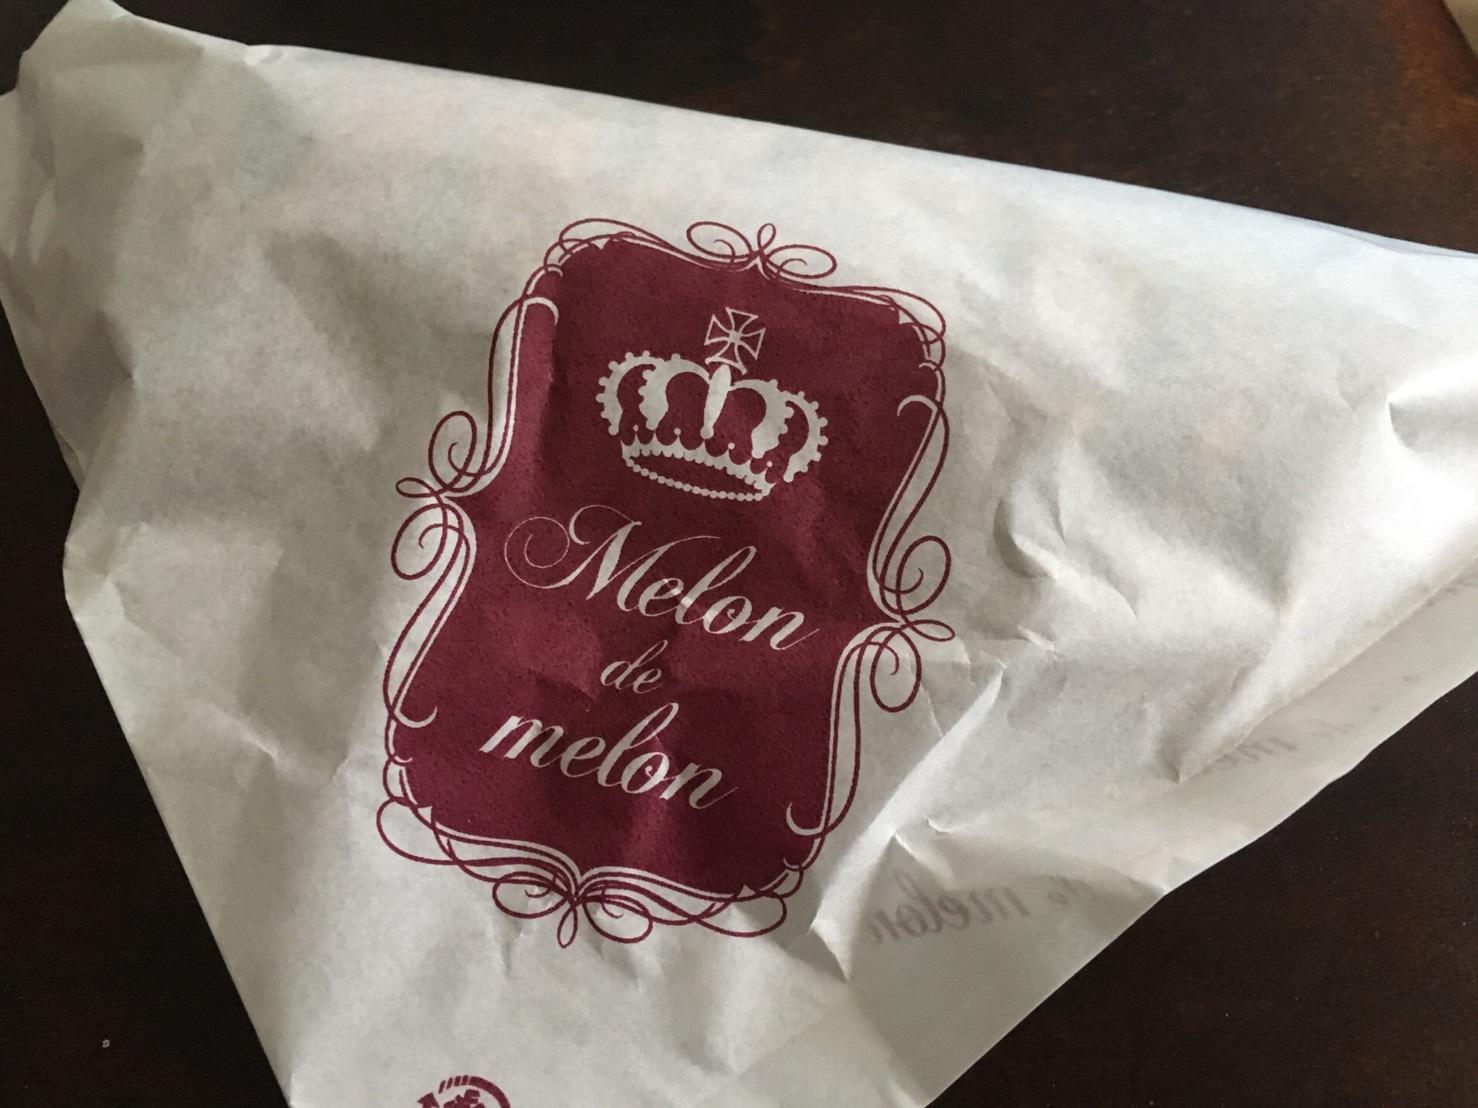 【大塚駅】「メロン・ドゥ・メロン」カリカリふわふわメロンパンのほうれん草チーズパイの包み